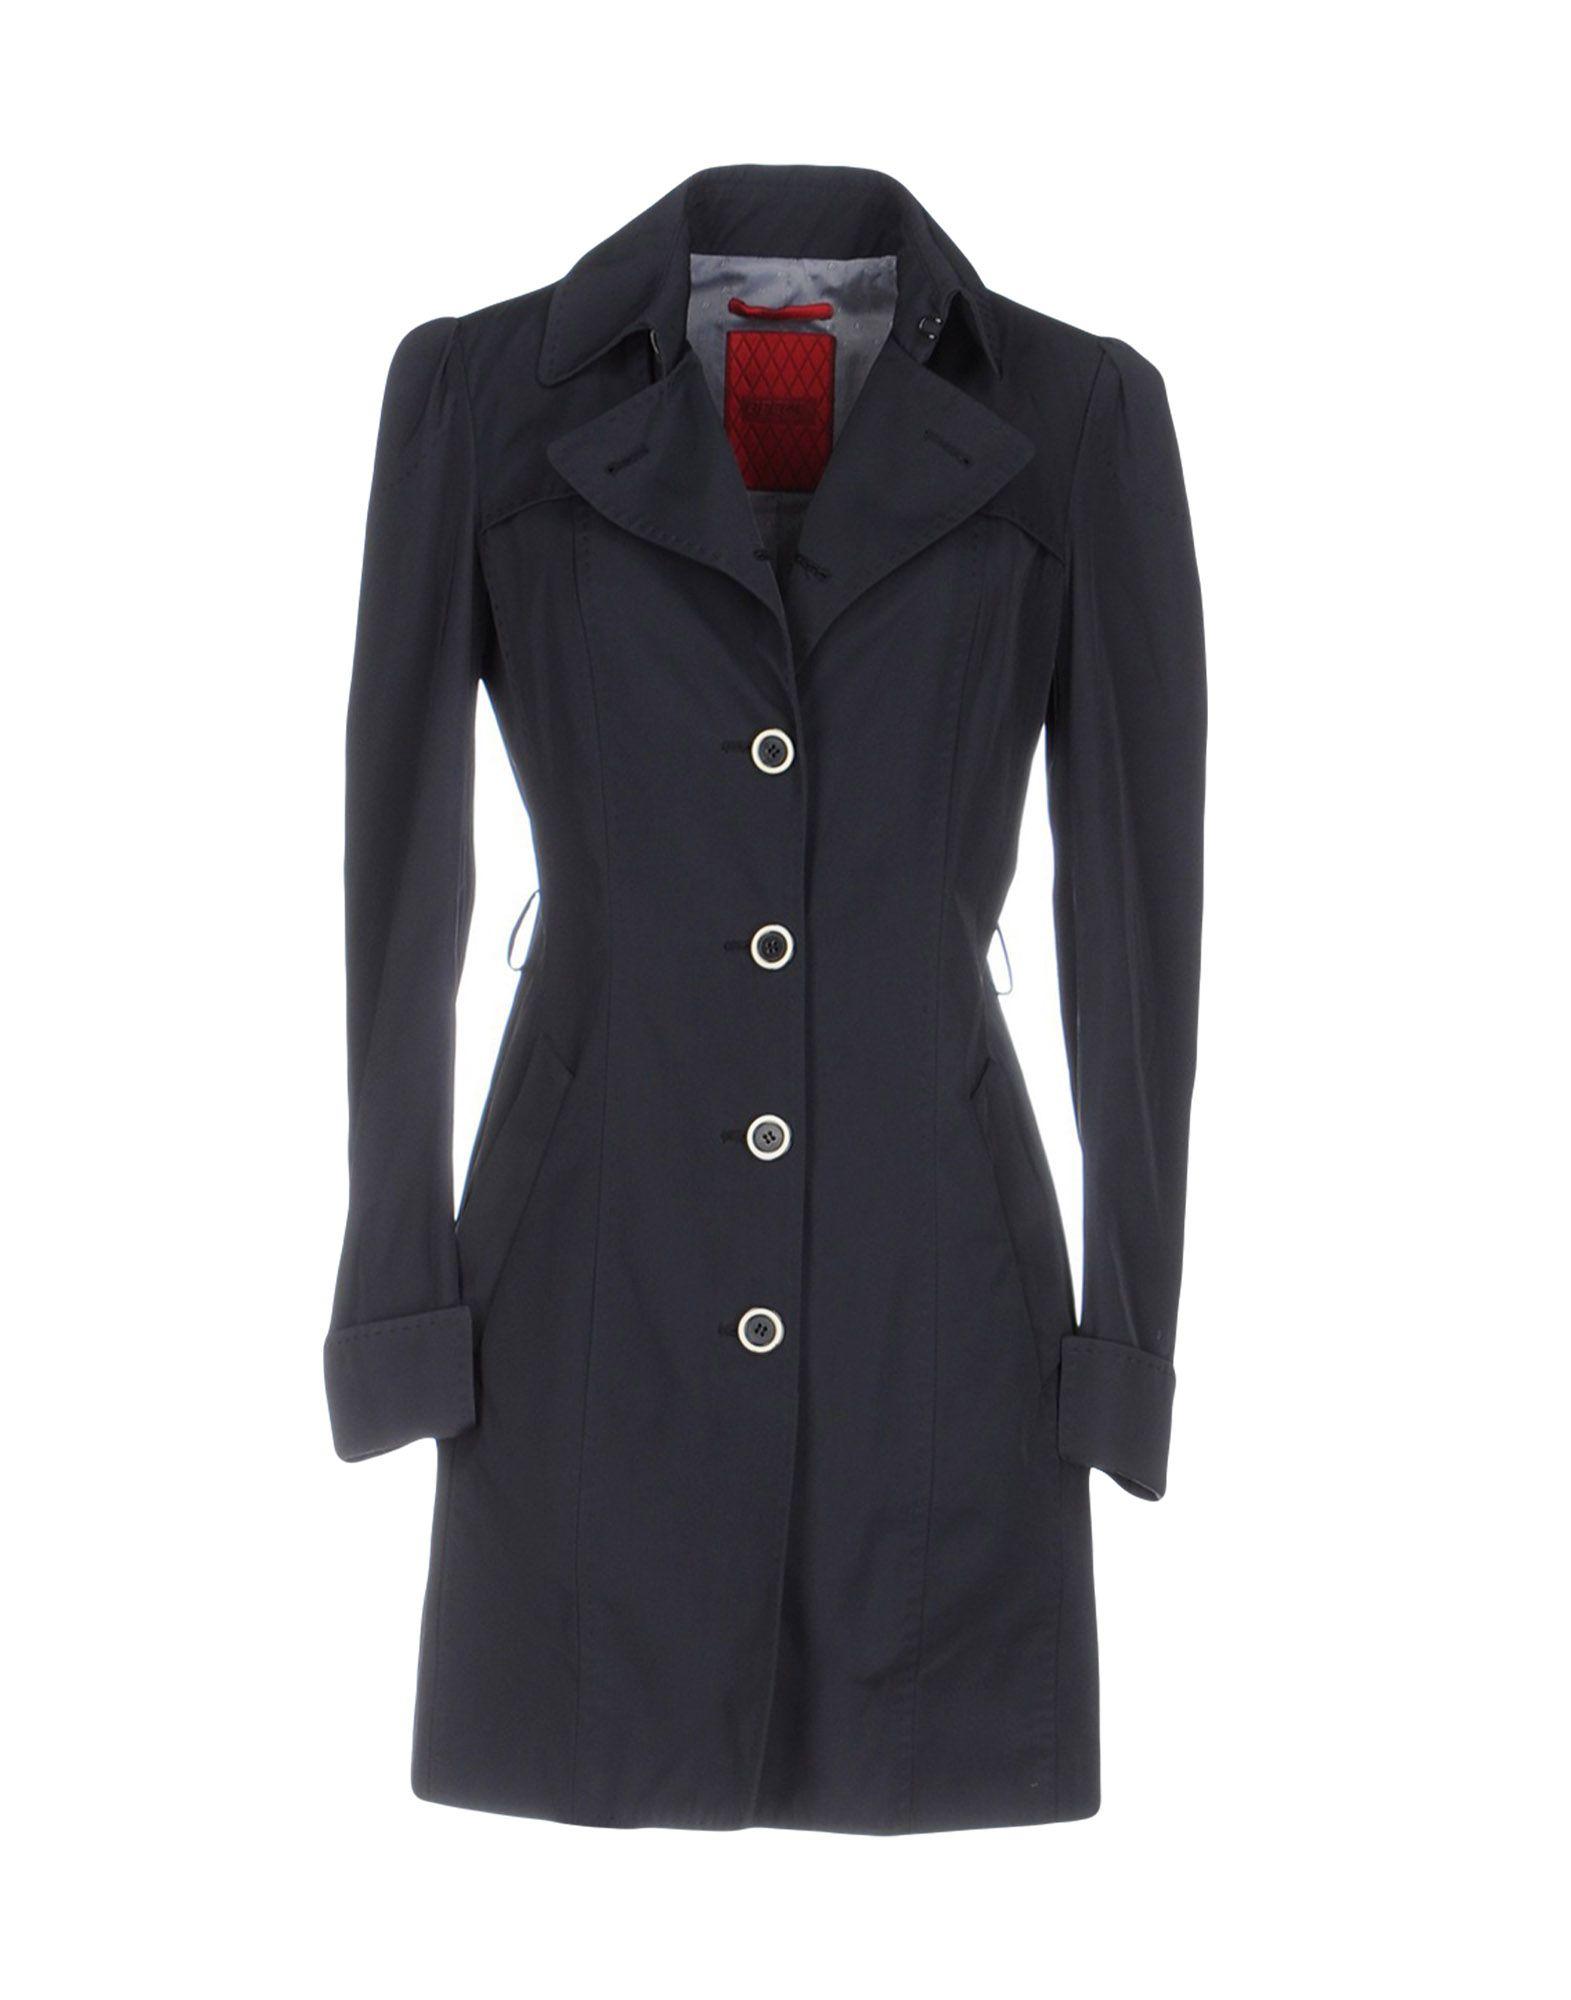 BREMA Damen Lange Jacke Farbe Dunkelblau Größe 3 - broschei